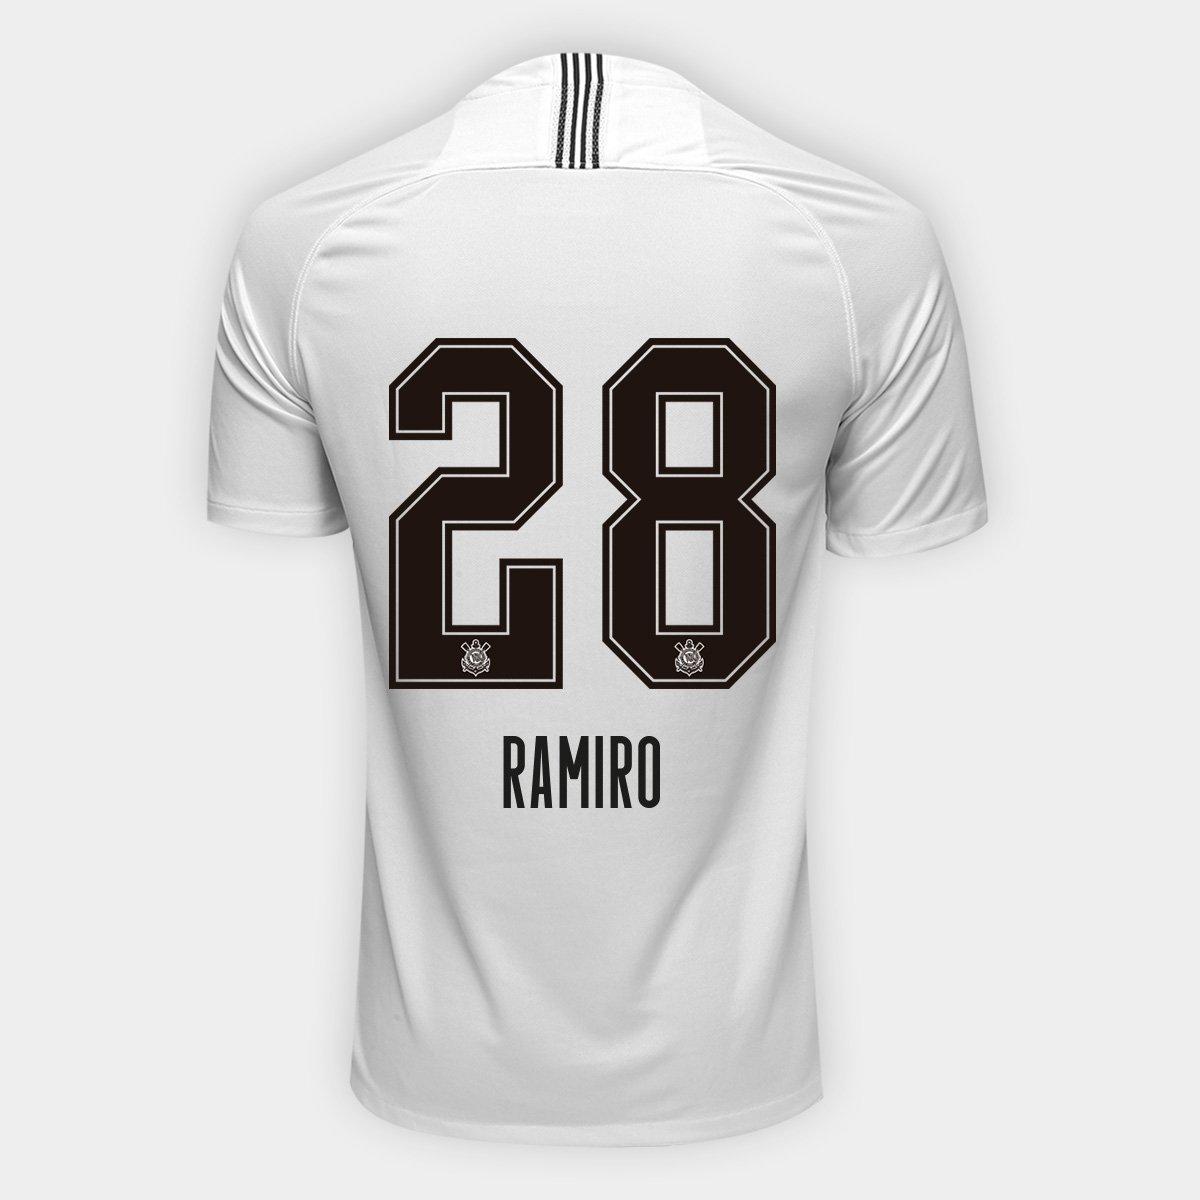 Camisa Corinthians I 18 19 Ramiro nº 28 Torcedor Nike Masculina ... d43914dc99dec